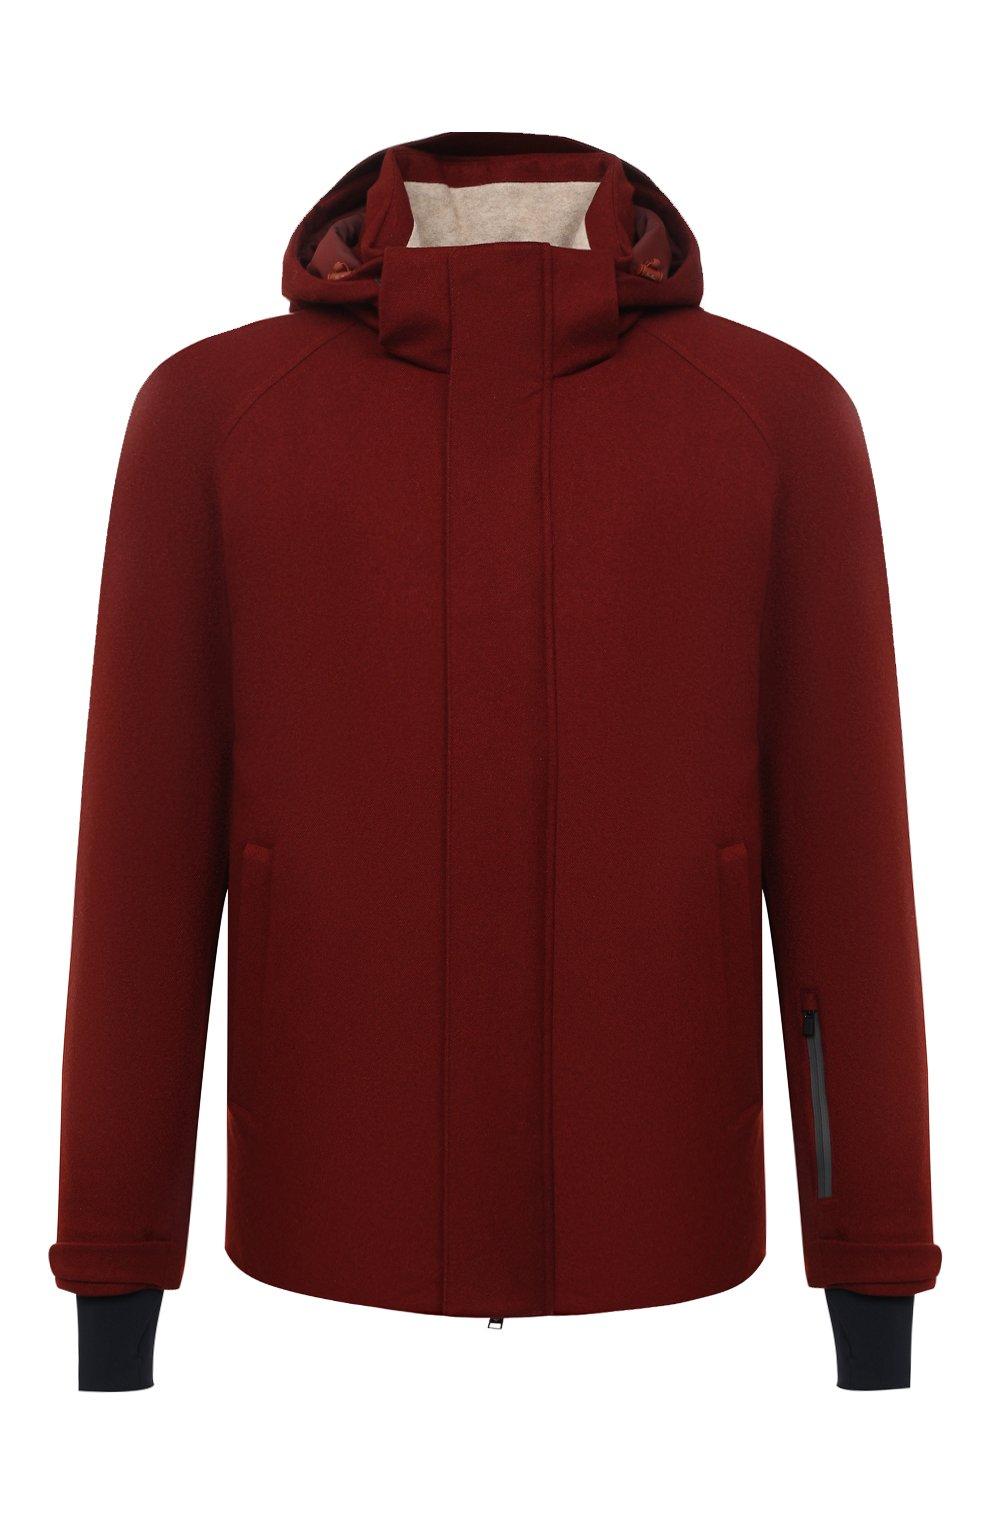 Мужская куртка из кашемира и шелка LORO PIANA бордового цвета, арт. FAI8953 | Фото 1 (Кросс-КТ: Куртка; Мужское Кросс-КТ: шерсть и кашемир; Материал внешний: Шерсть, Кашемир; Материал утеплителя: Шерсть; Рукава: Длинные; Длина (верхняя одежда): Короткие; Стили: Кэжуэл)